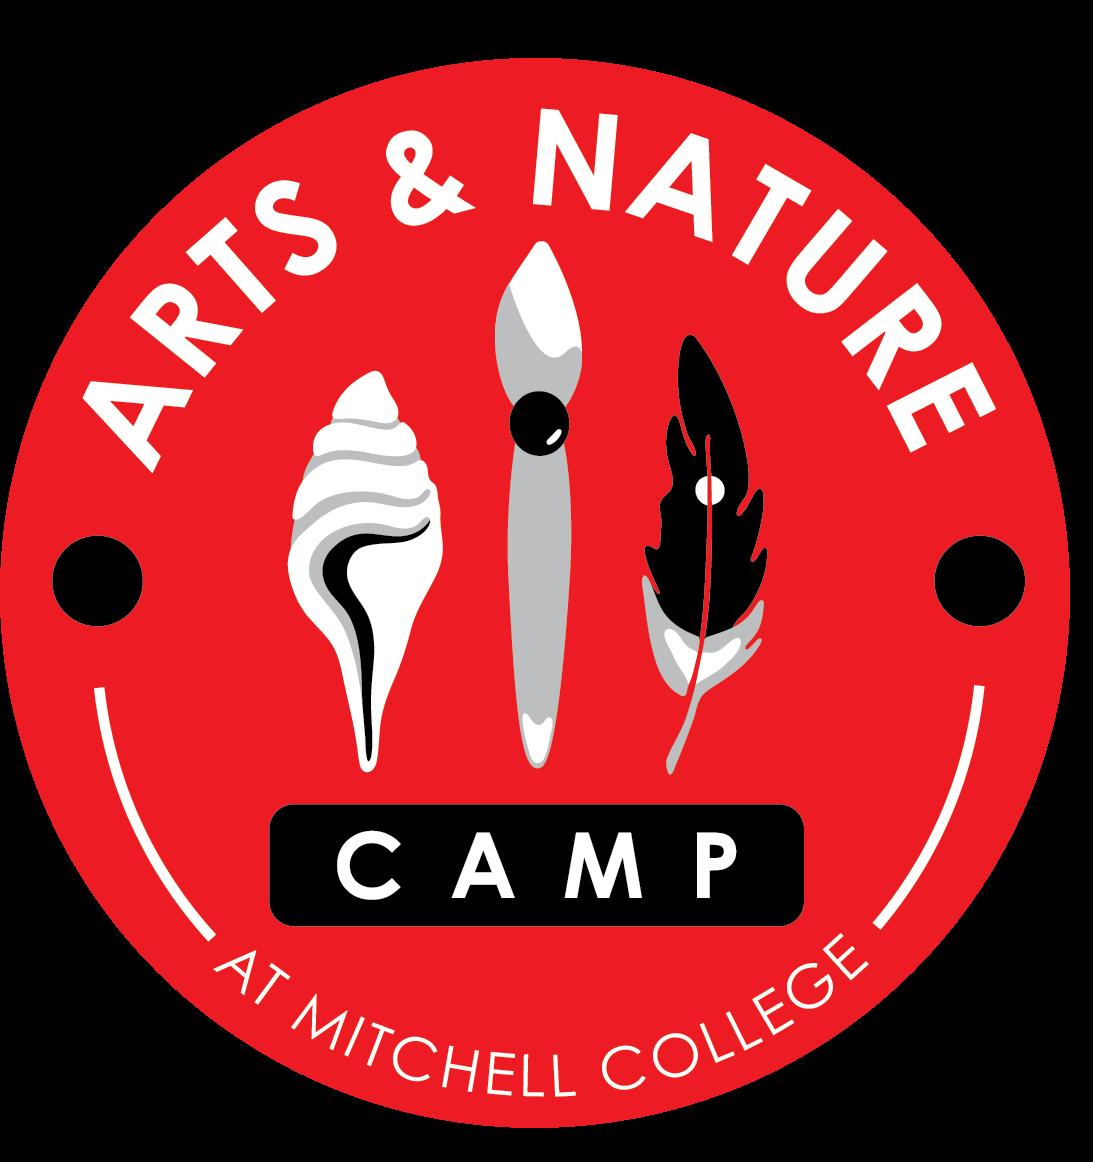 Summer Camp, Mitchell College